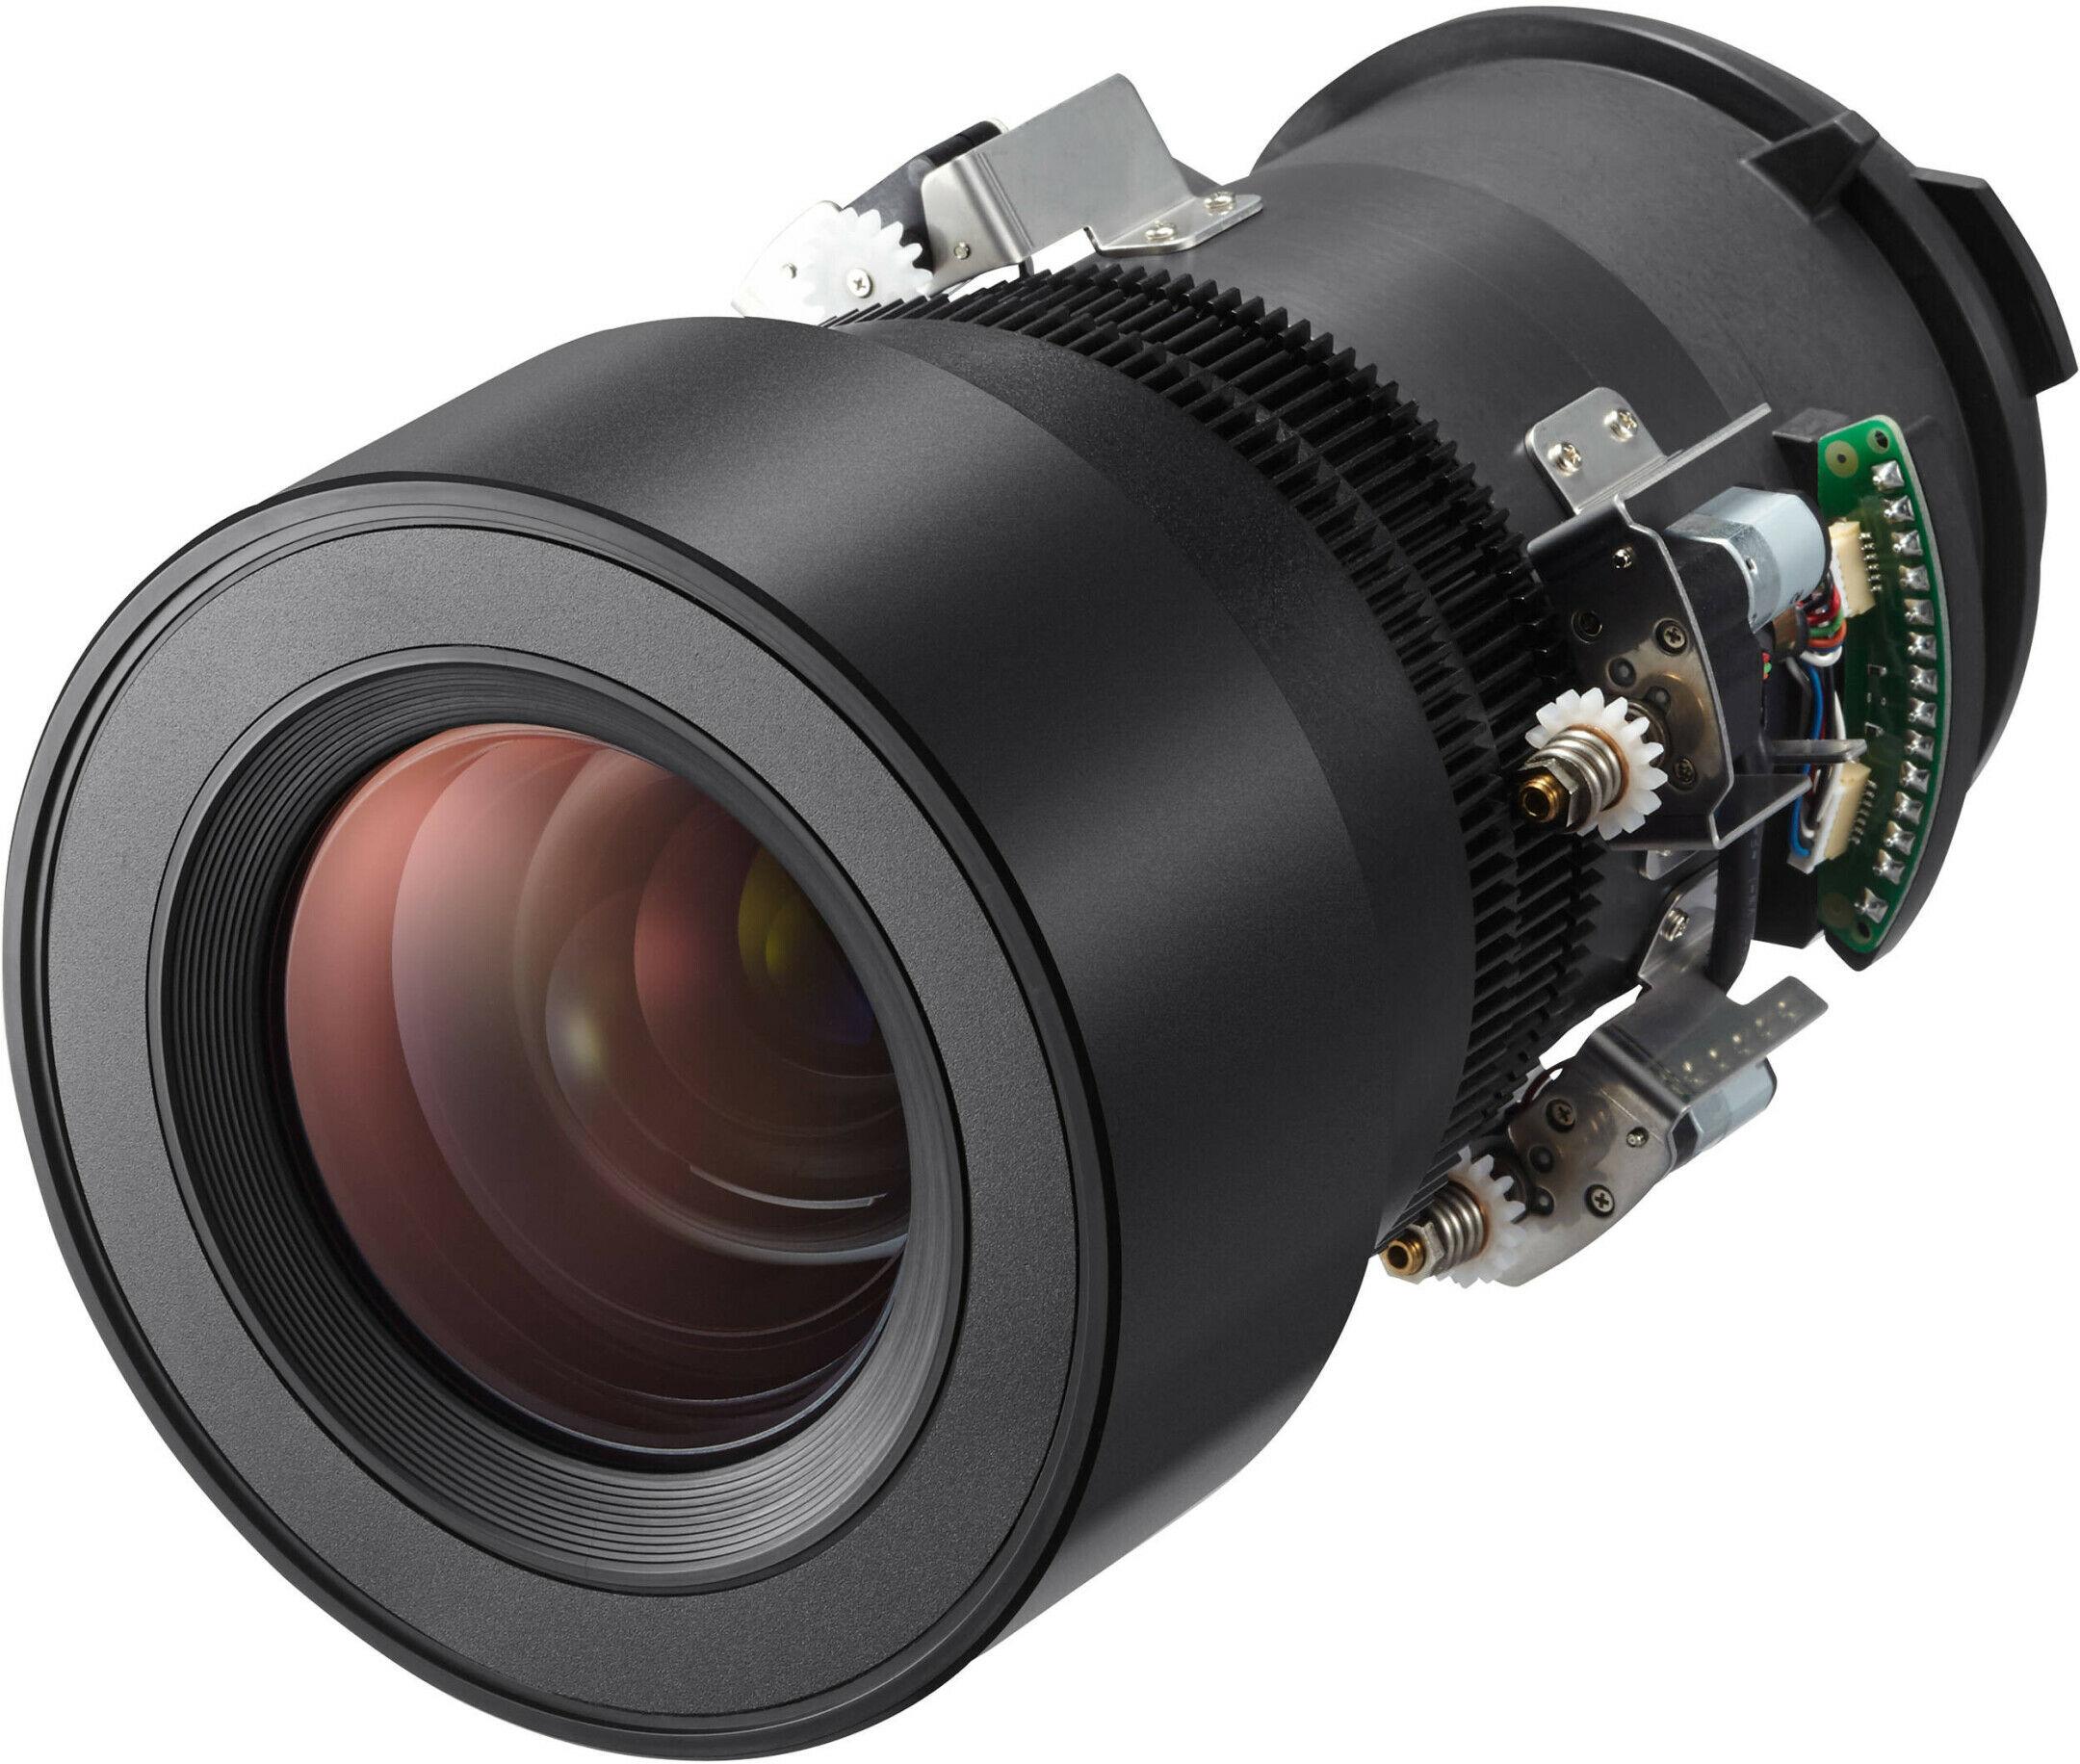 Nec NP40ZL obiektyw 0.79-1.11:1 do projektorów z serii PA3